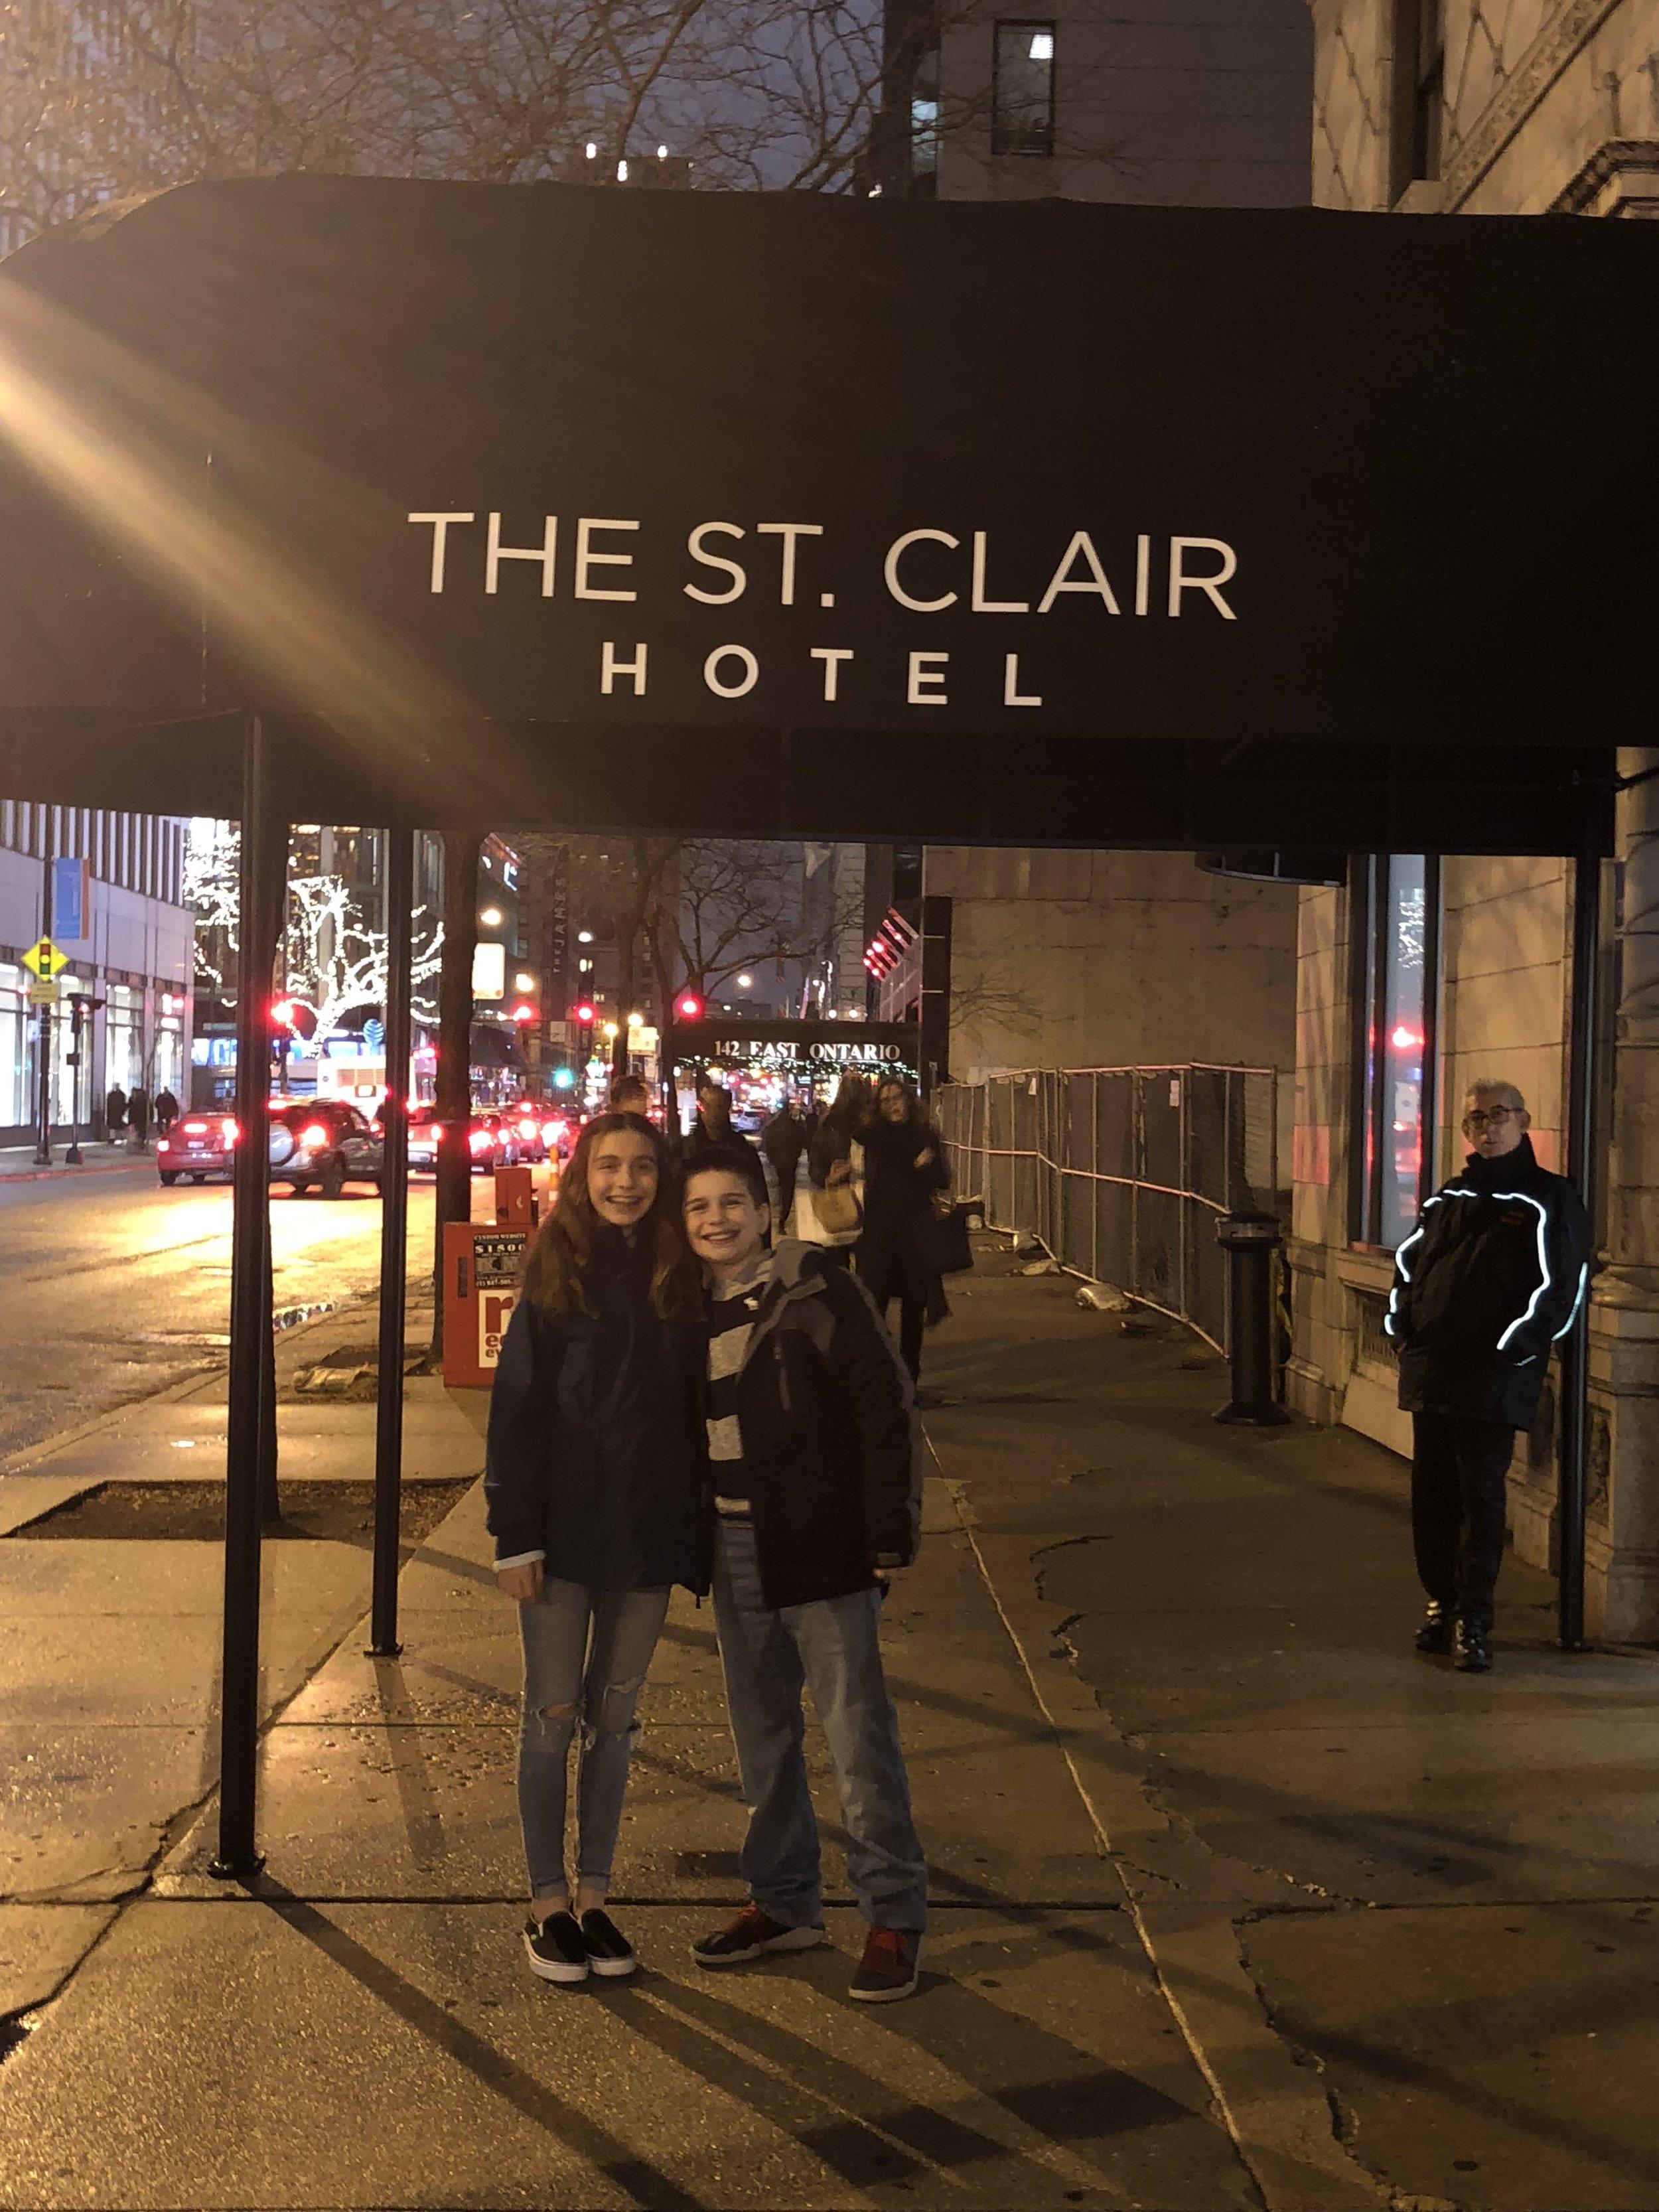 the saint clair hotel